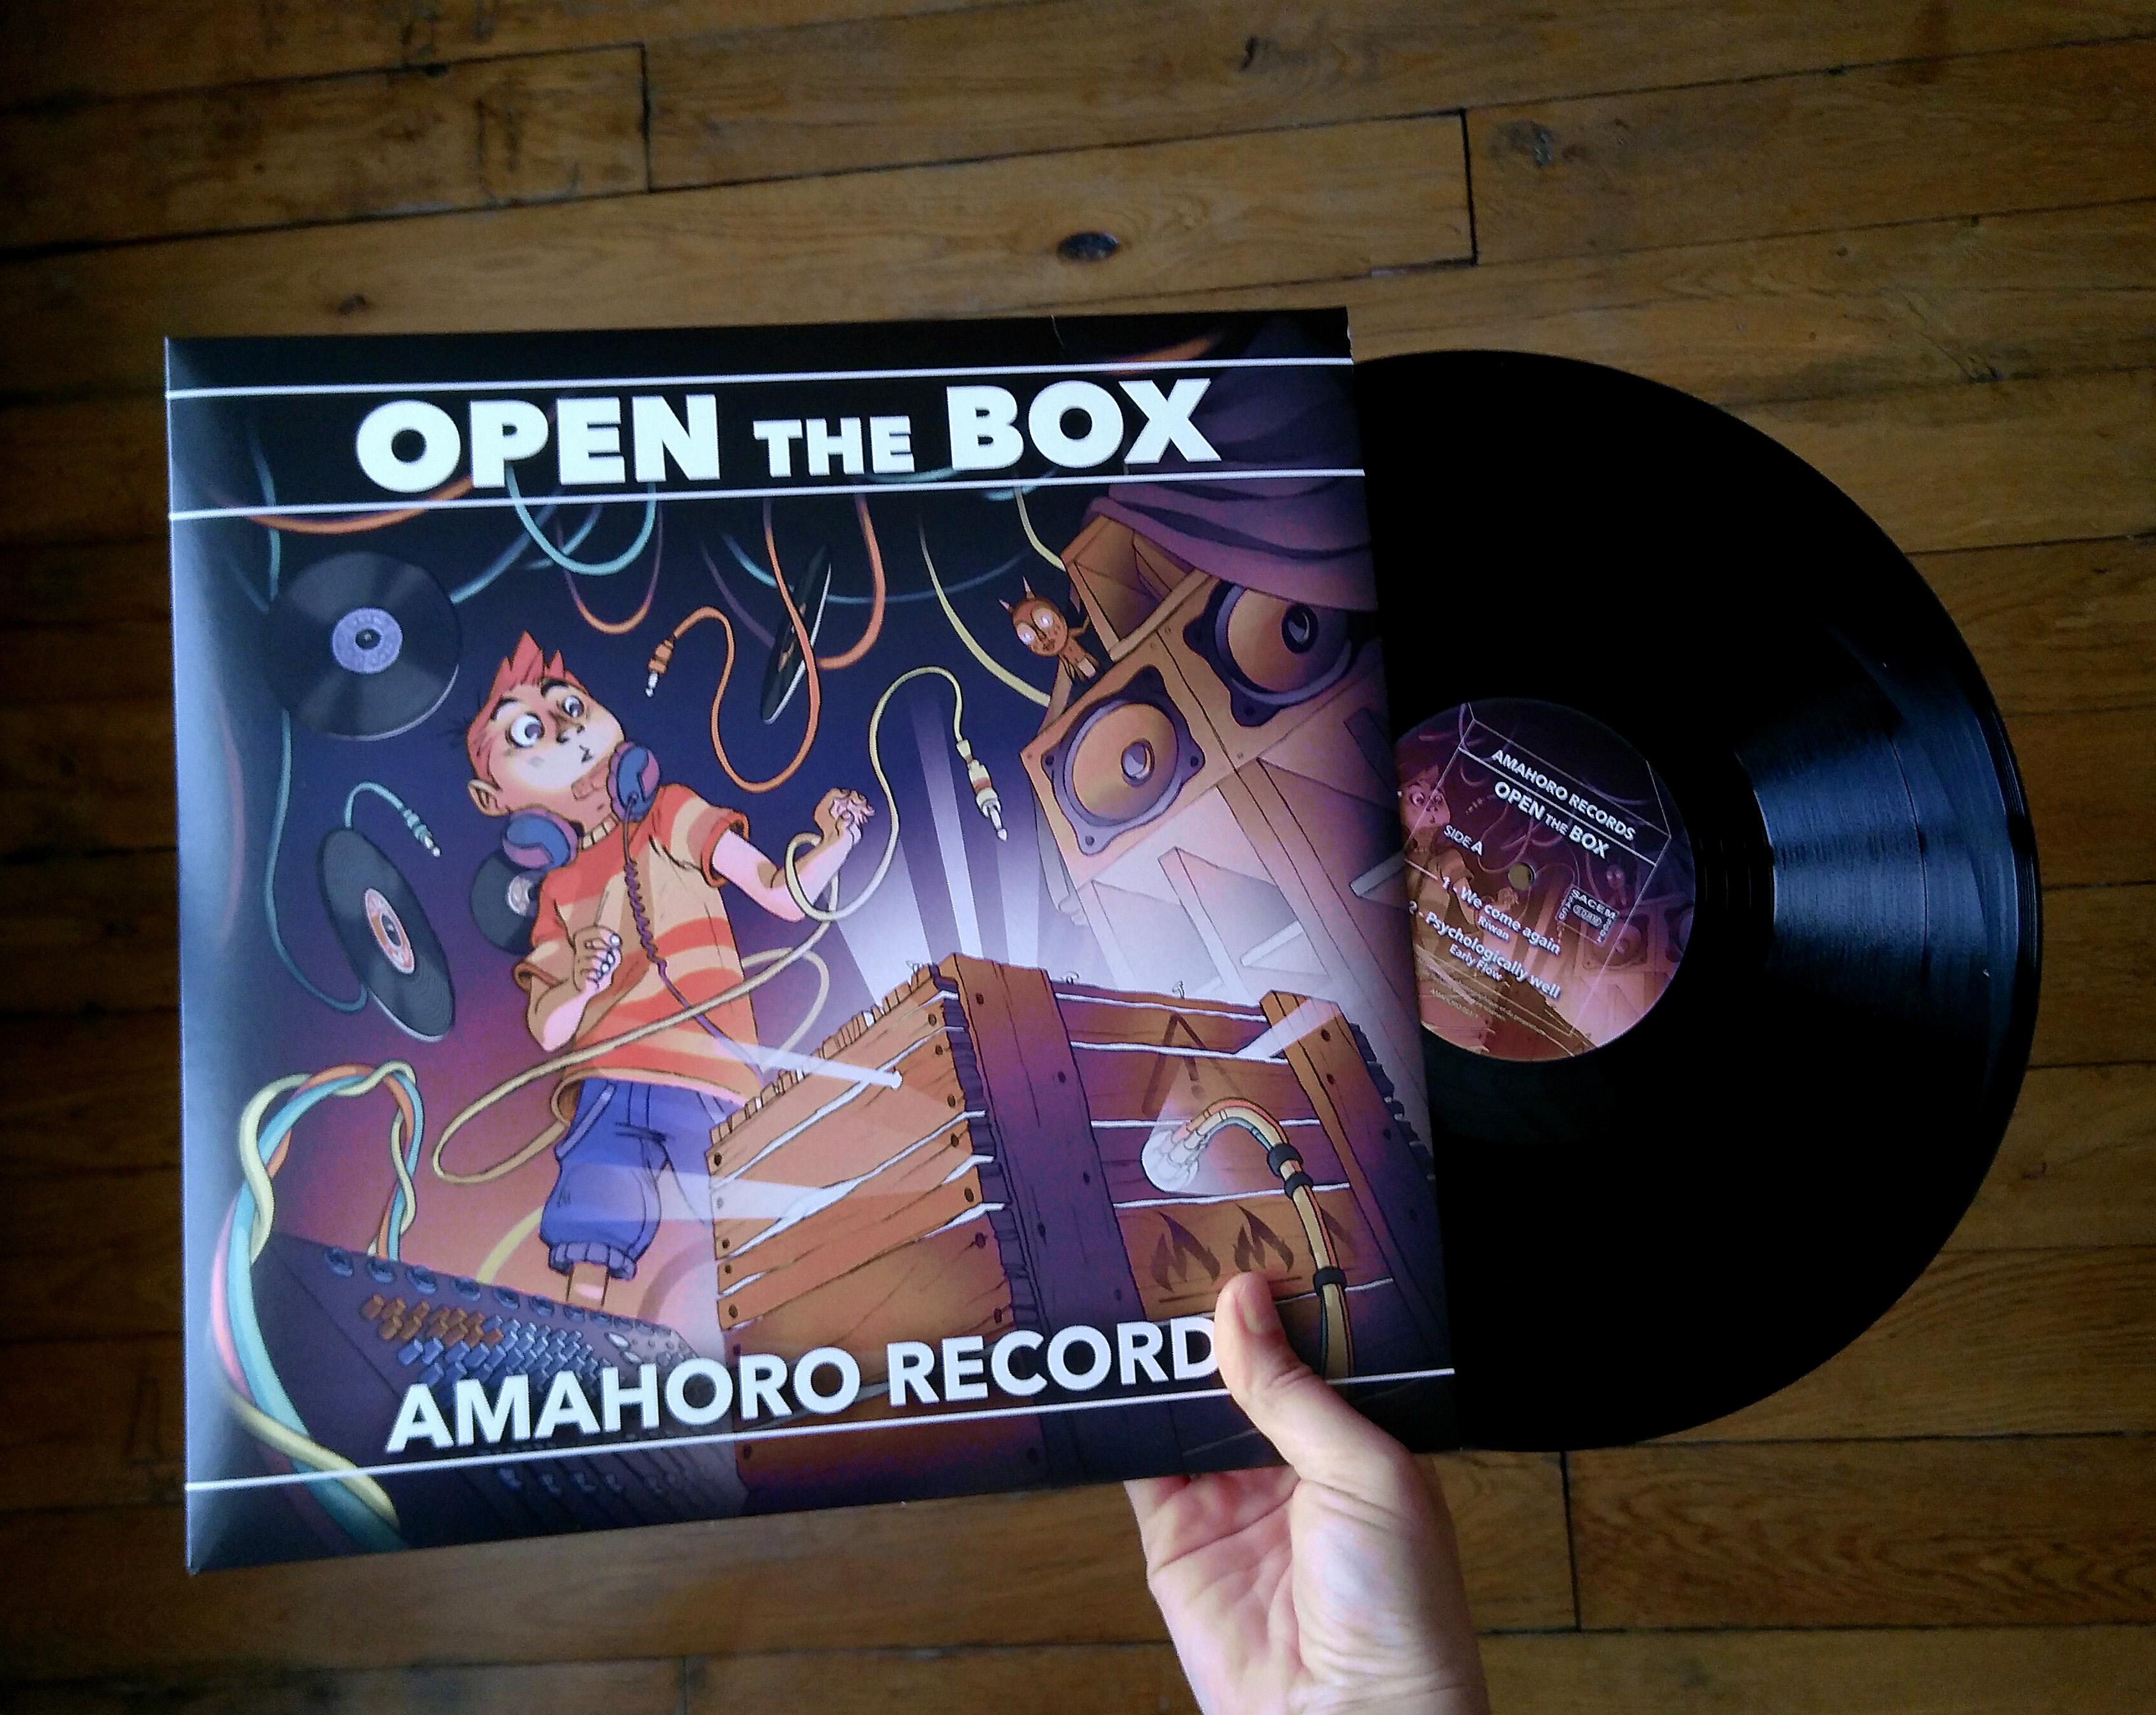 amahoro records